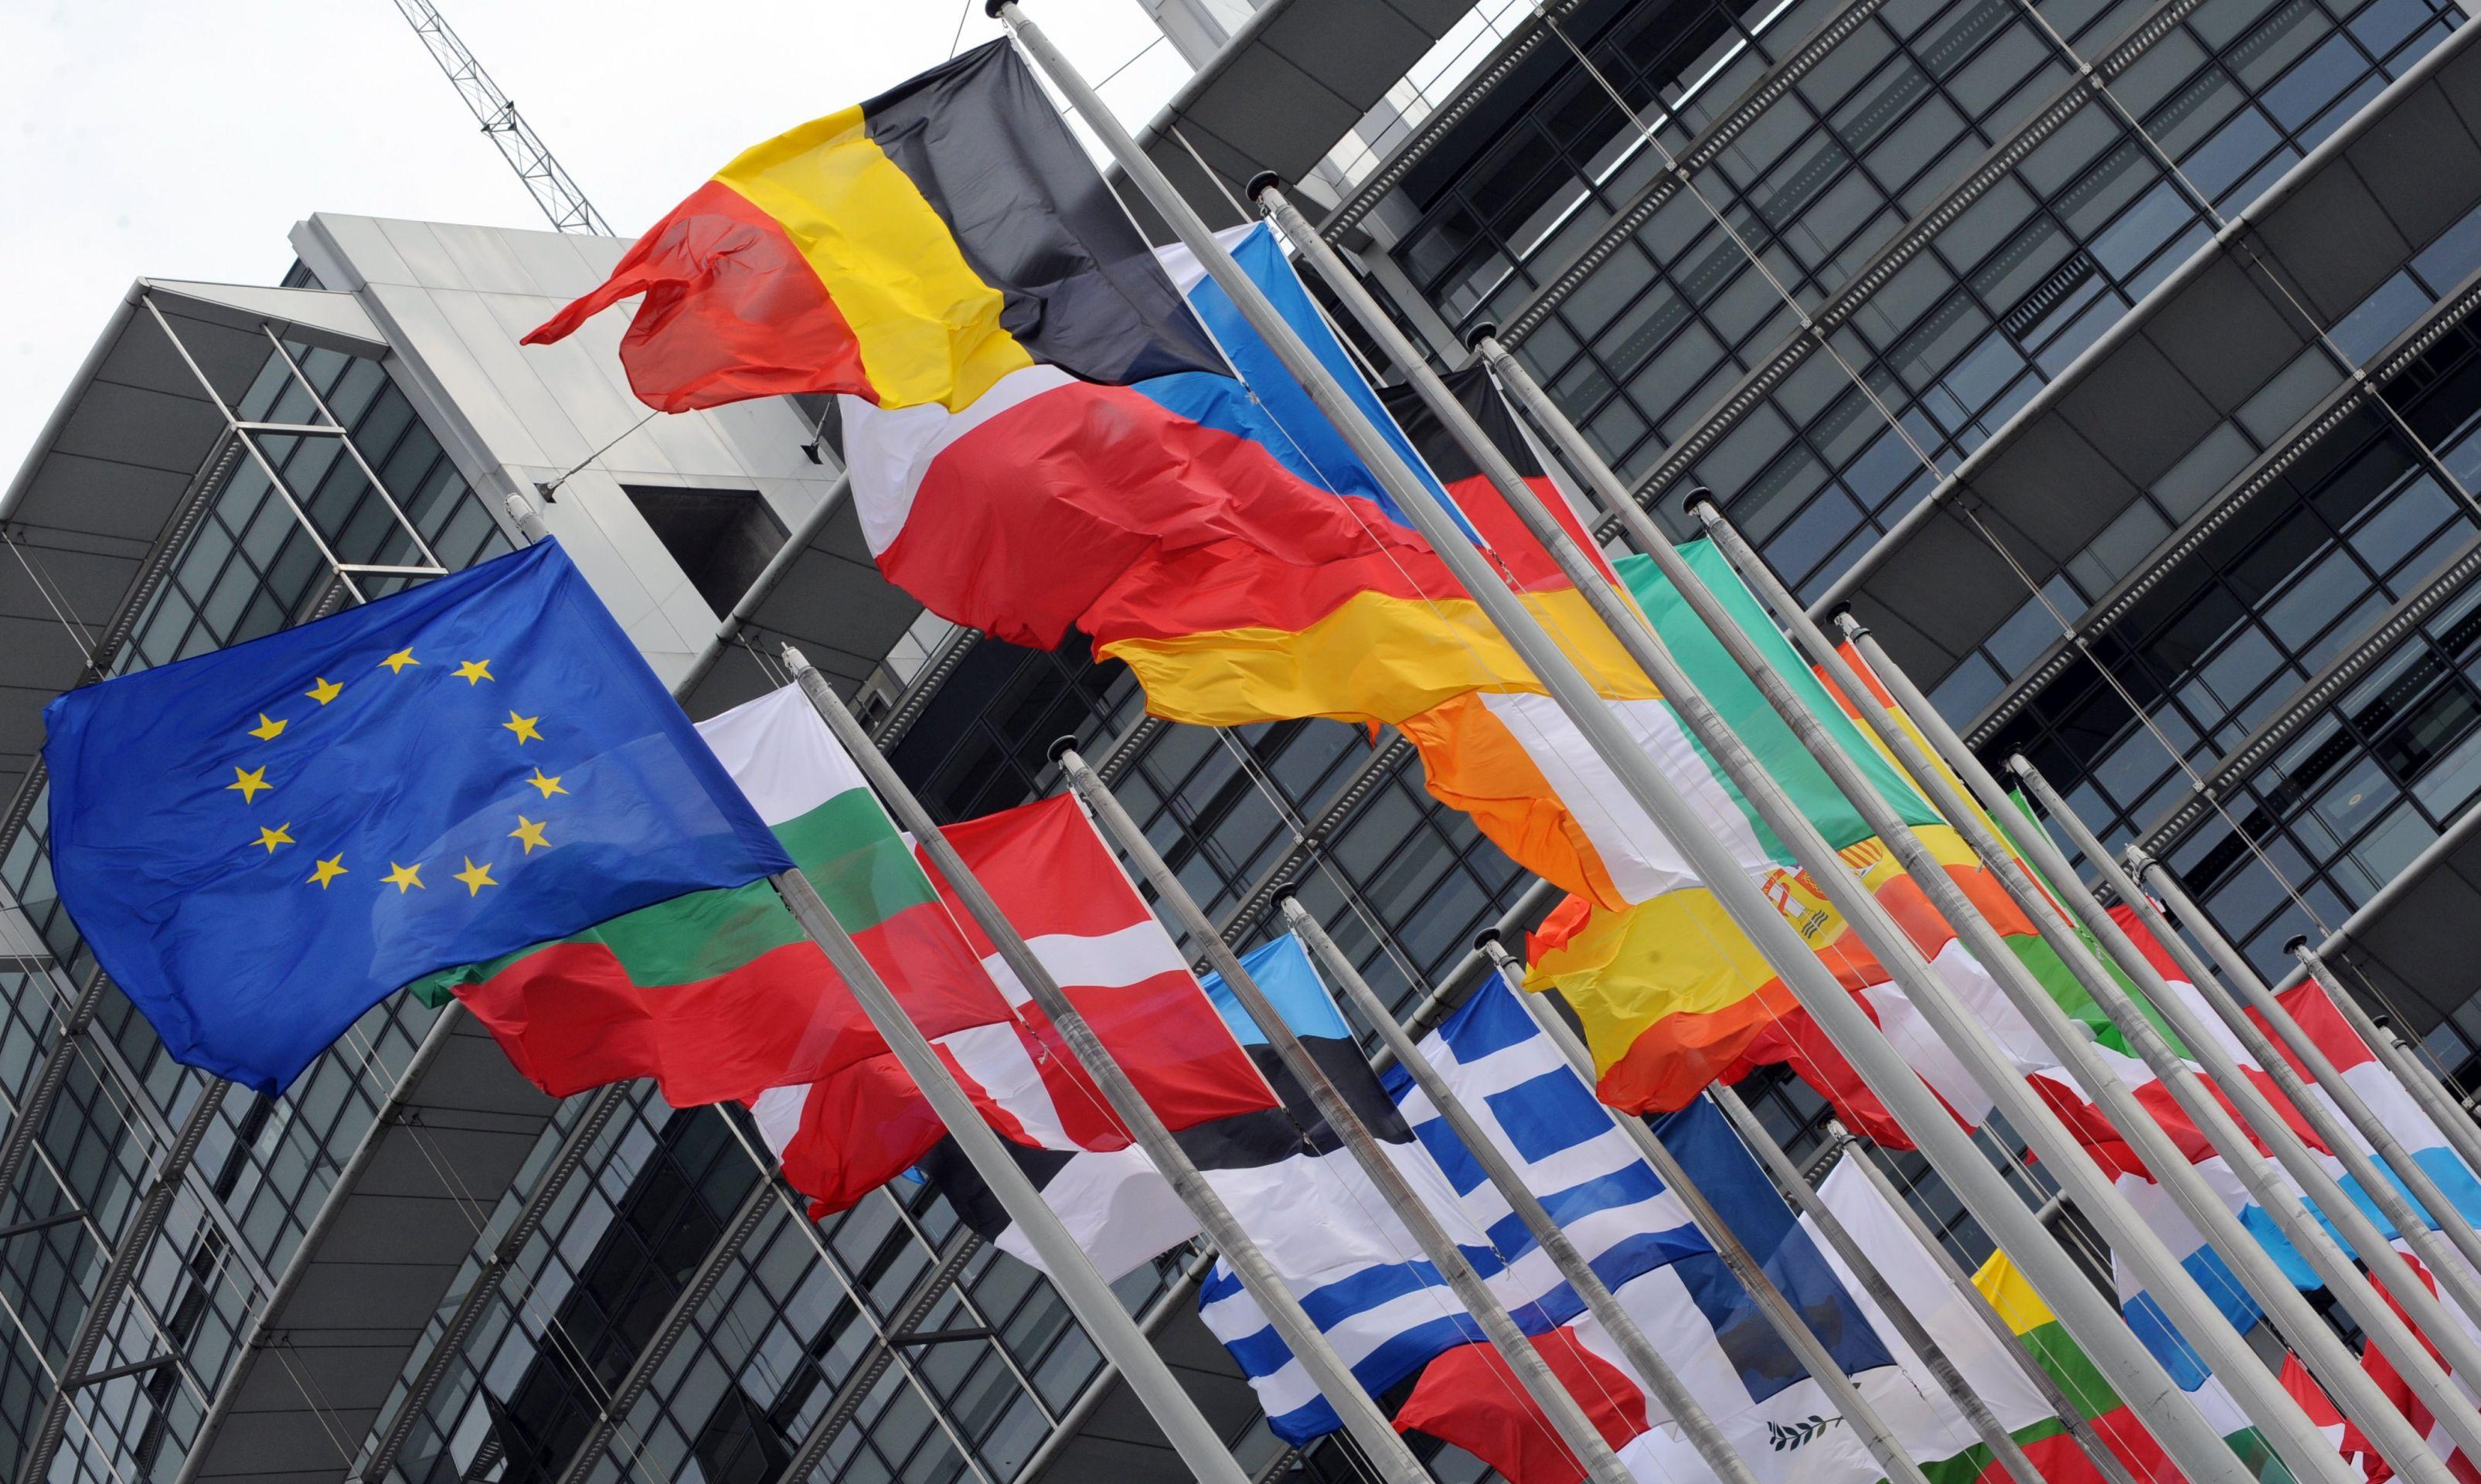 Hrvatska među 12 zemalja EU-a s proračunskim viškom u 2017.